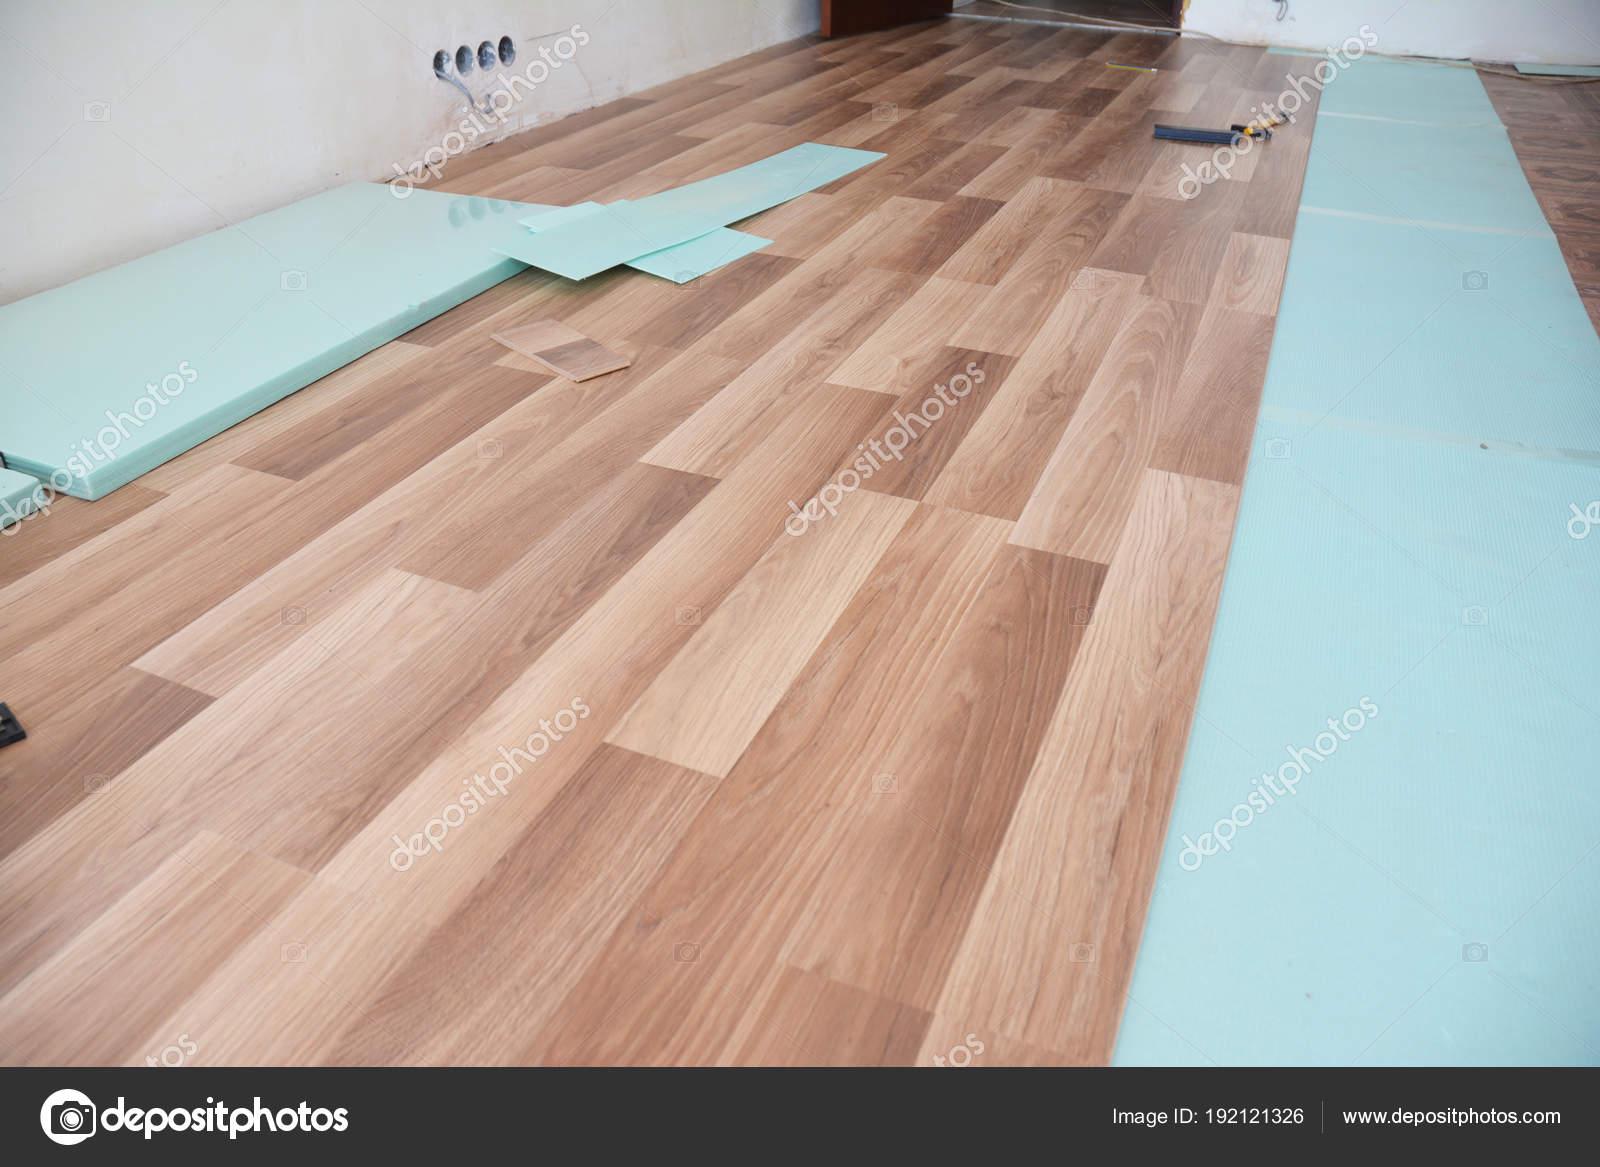 Isolatie Vloer Laminaat : Installeren van houten laminaat vloeren met isolatie en